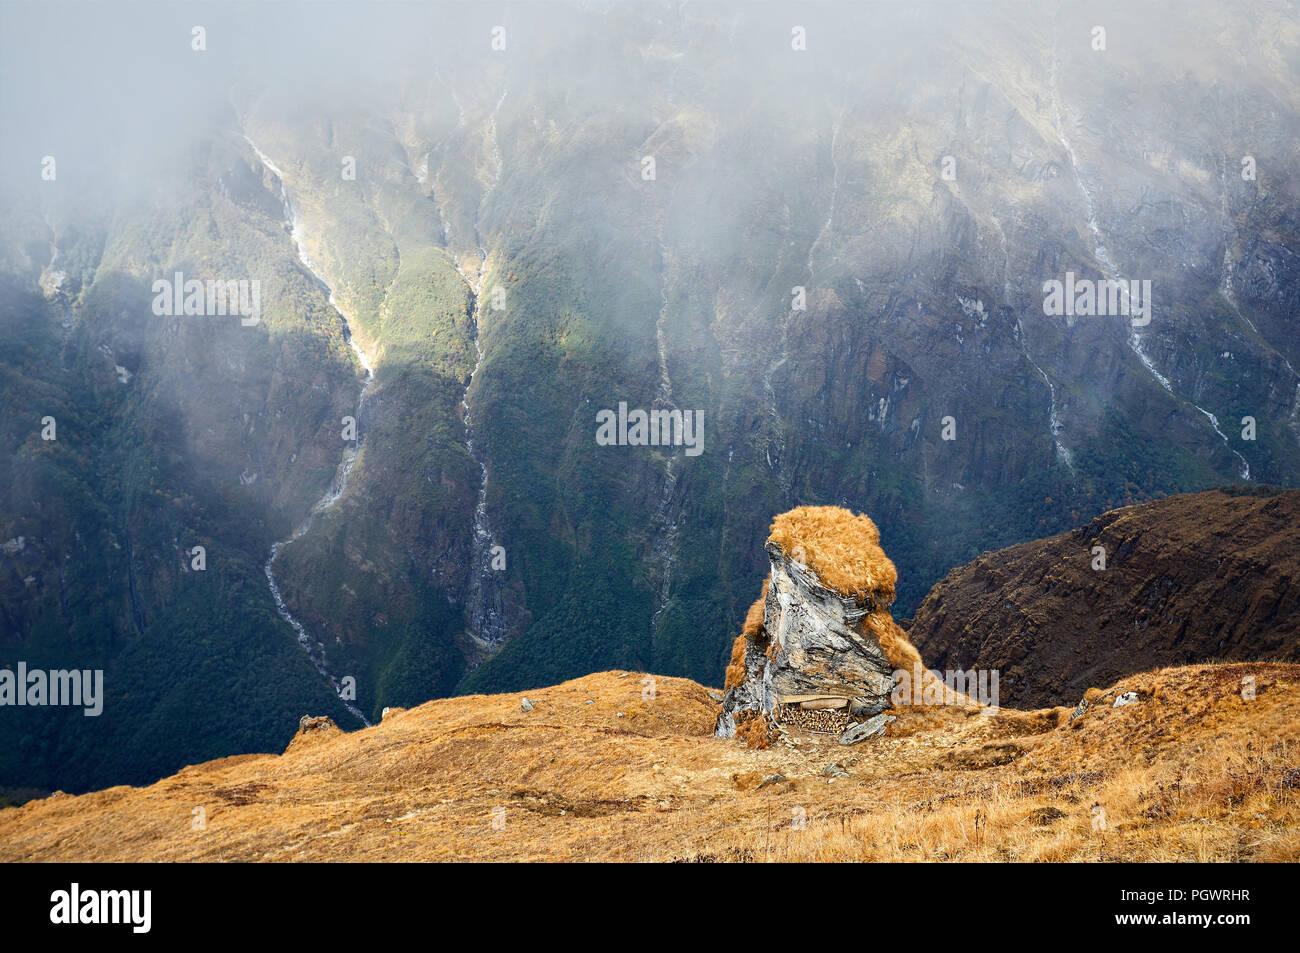 Paysage de rochers et chutes d'eau à jour brumeux dans l'Himalaya au Népal Photo Stock